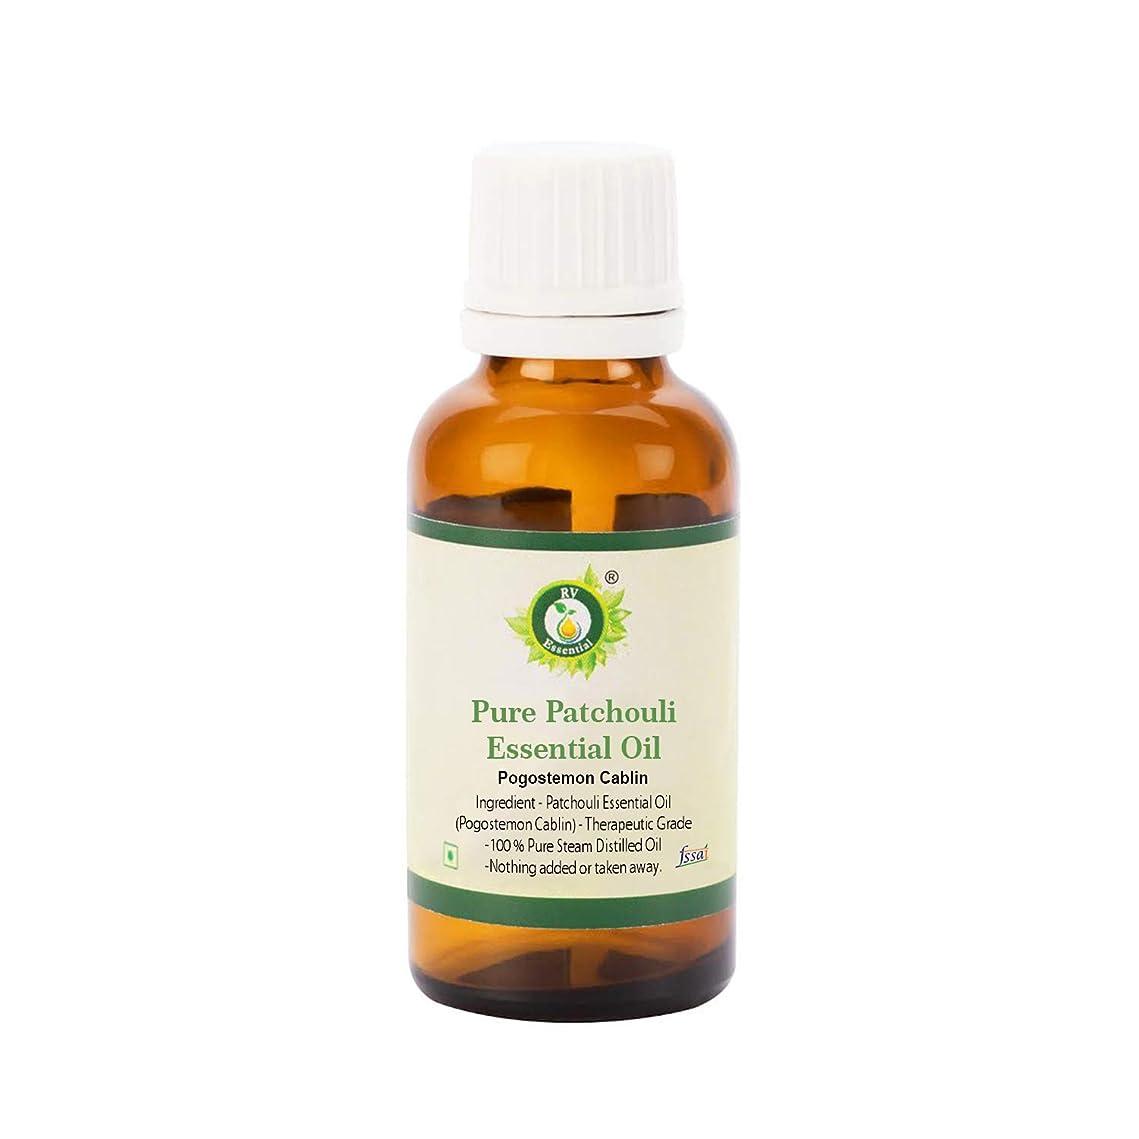 歯痛許可する土R V Essential ピュアパチュリーエッセンシャルオイル30ml (1.01oz)- Pogostemon Cablin (100%純粋&天然スチームDistilled) Pure Patchouli Essential Oil